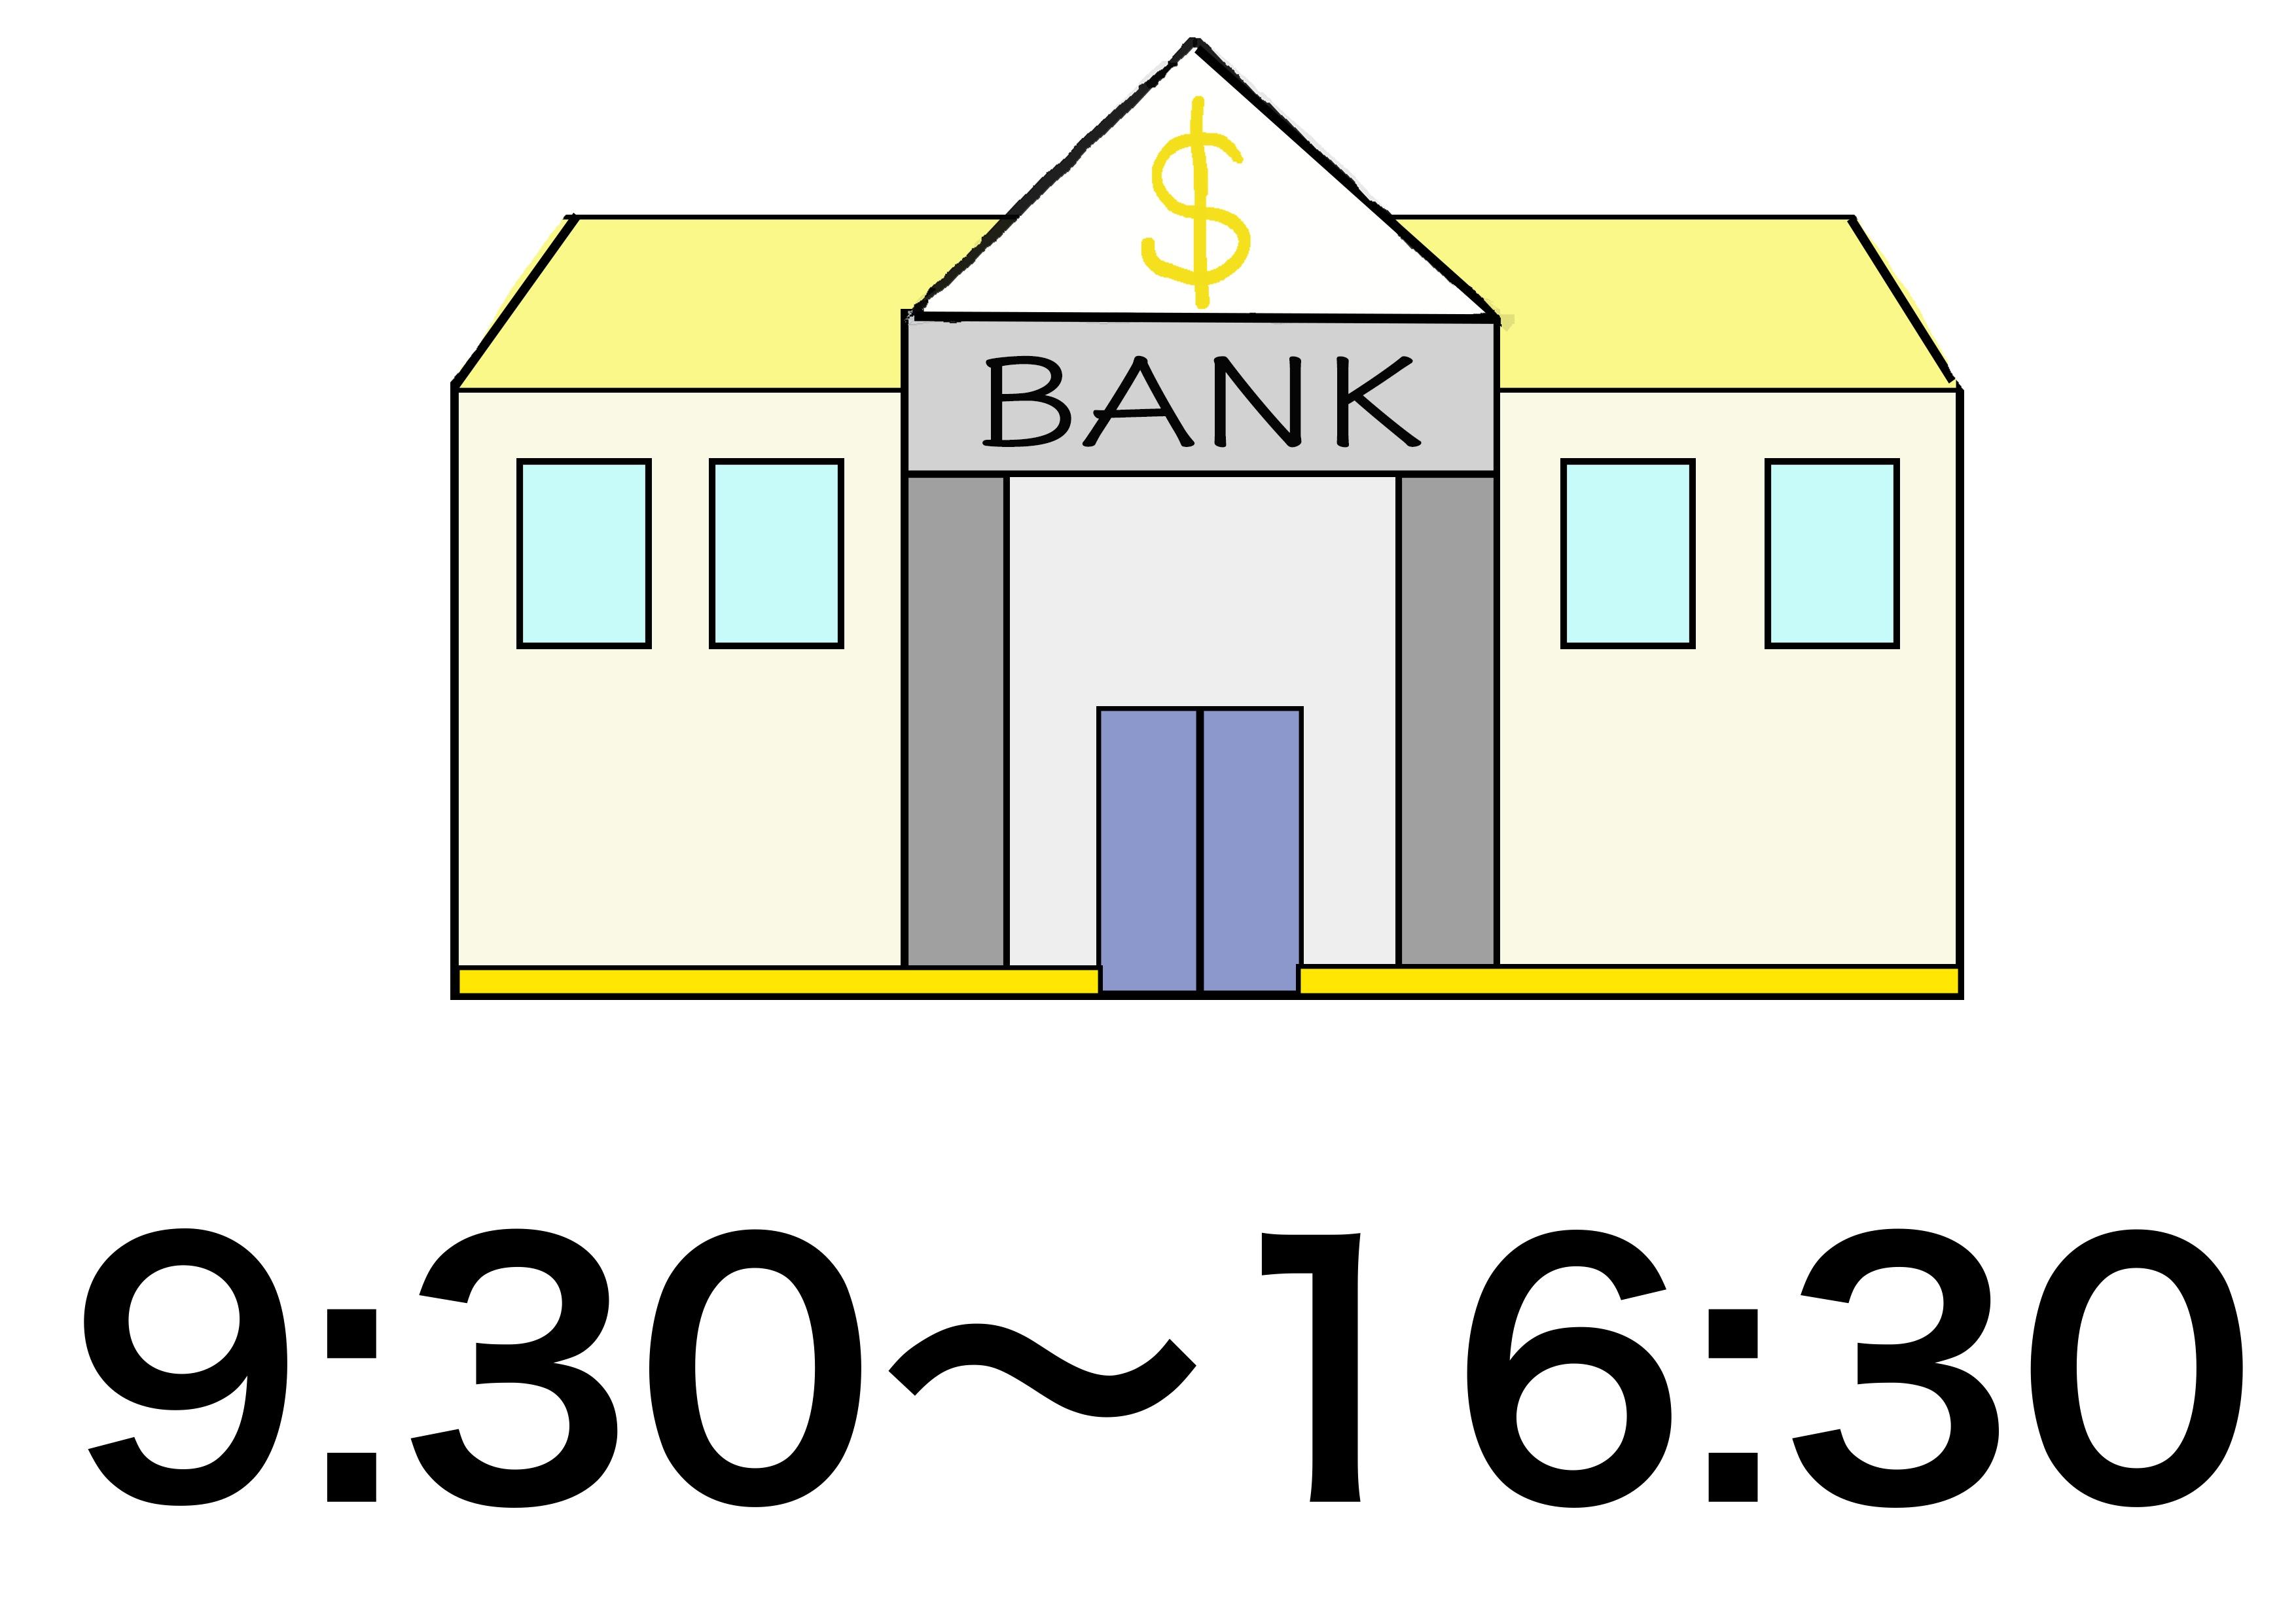 4課イラスト【銀行】